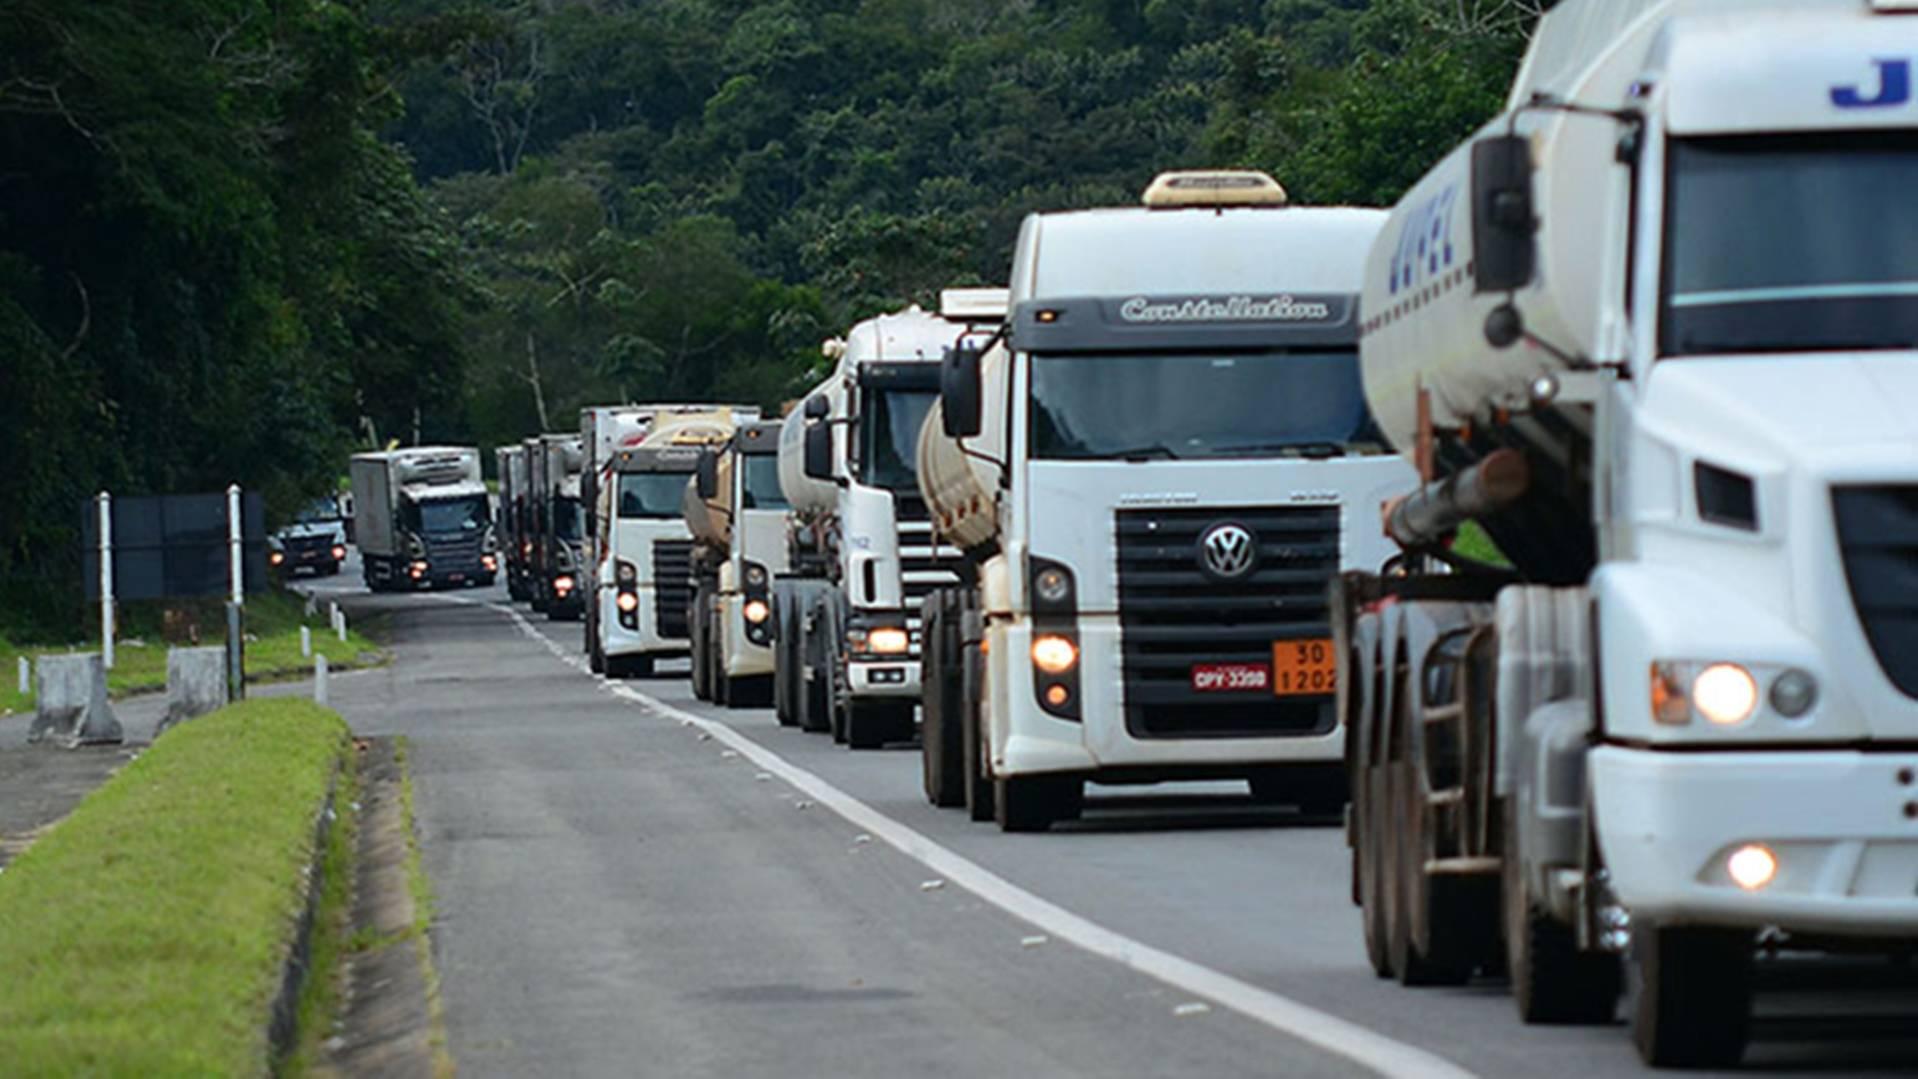 Caminhoneiros protestam em São Paulo contra aumento do ICMS